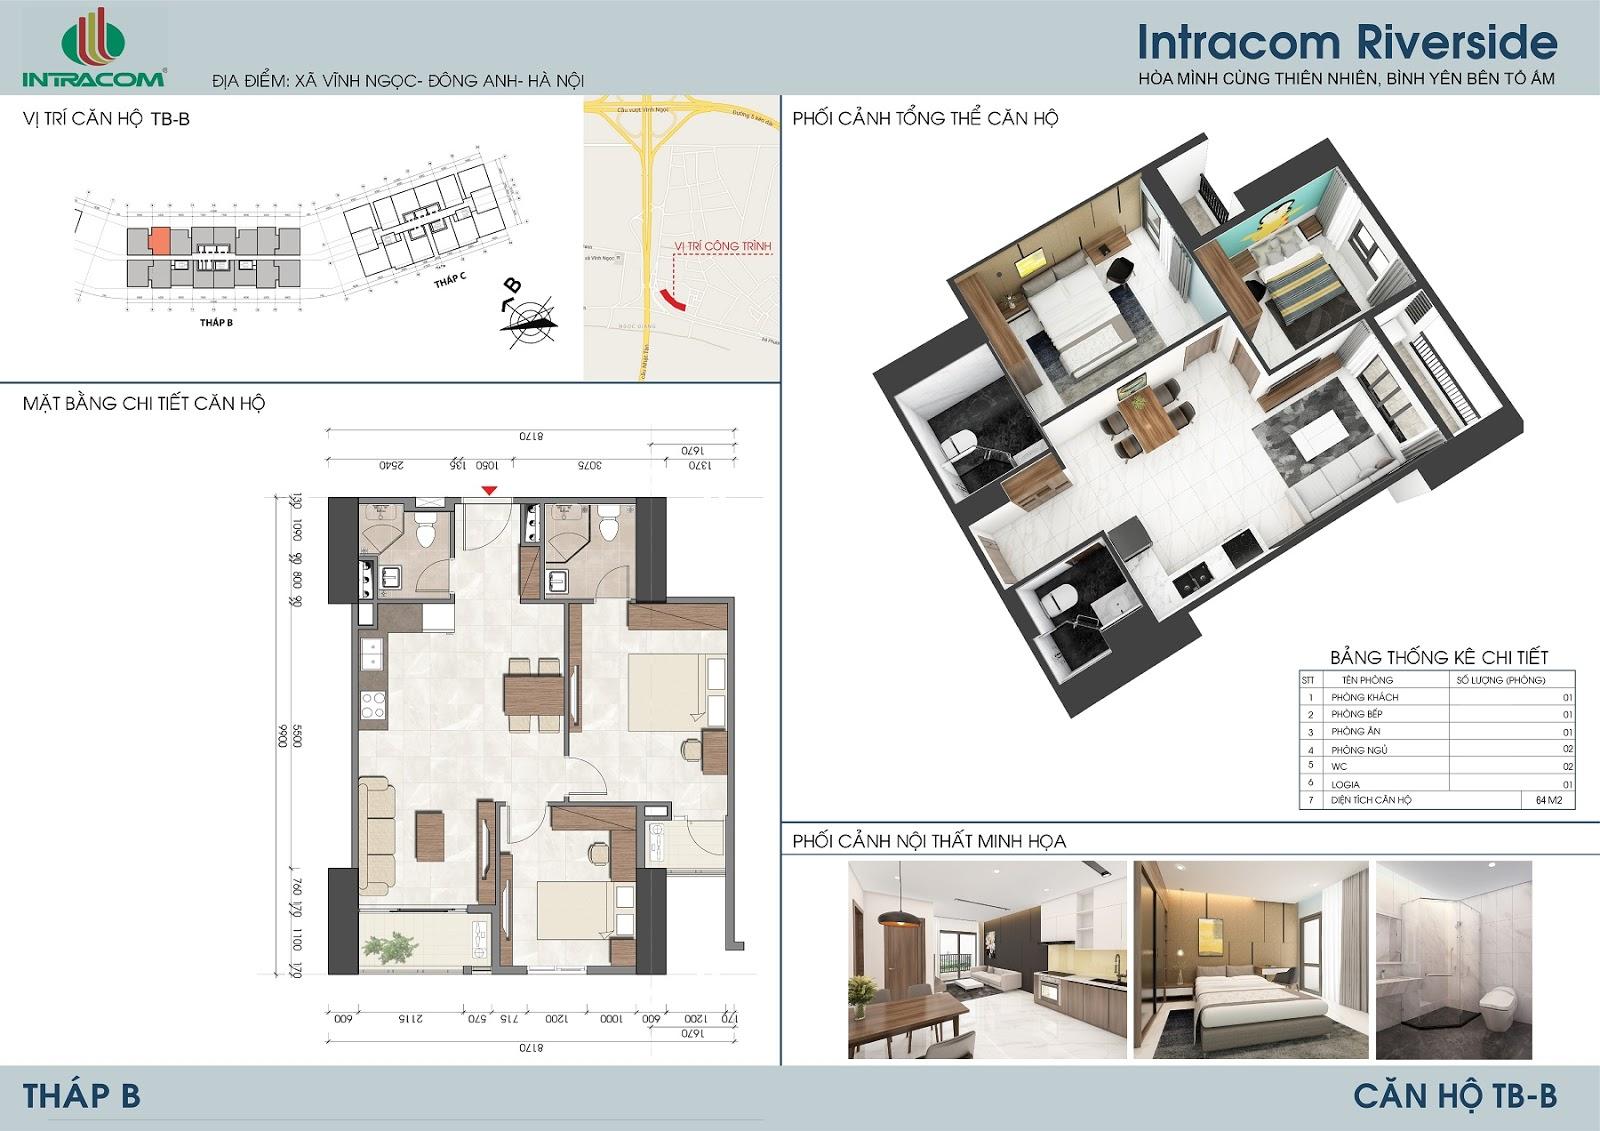 Thiết kế căn hộ 64m2 (02 phòng ngủ), căn số: 02, 07.